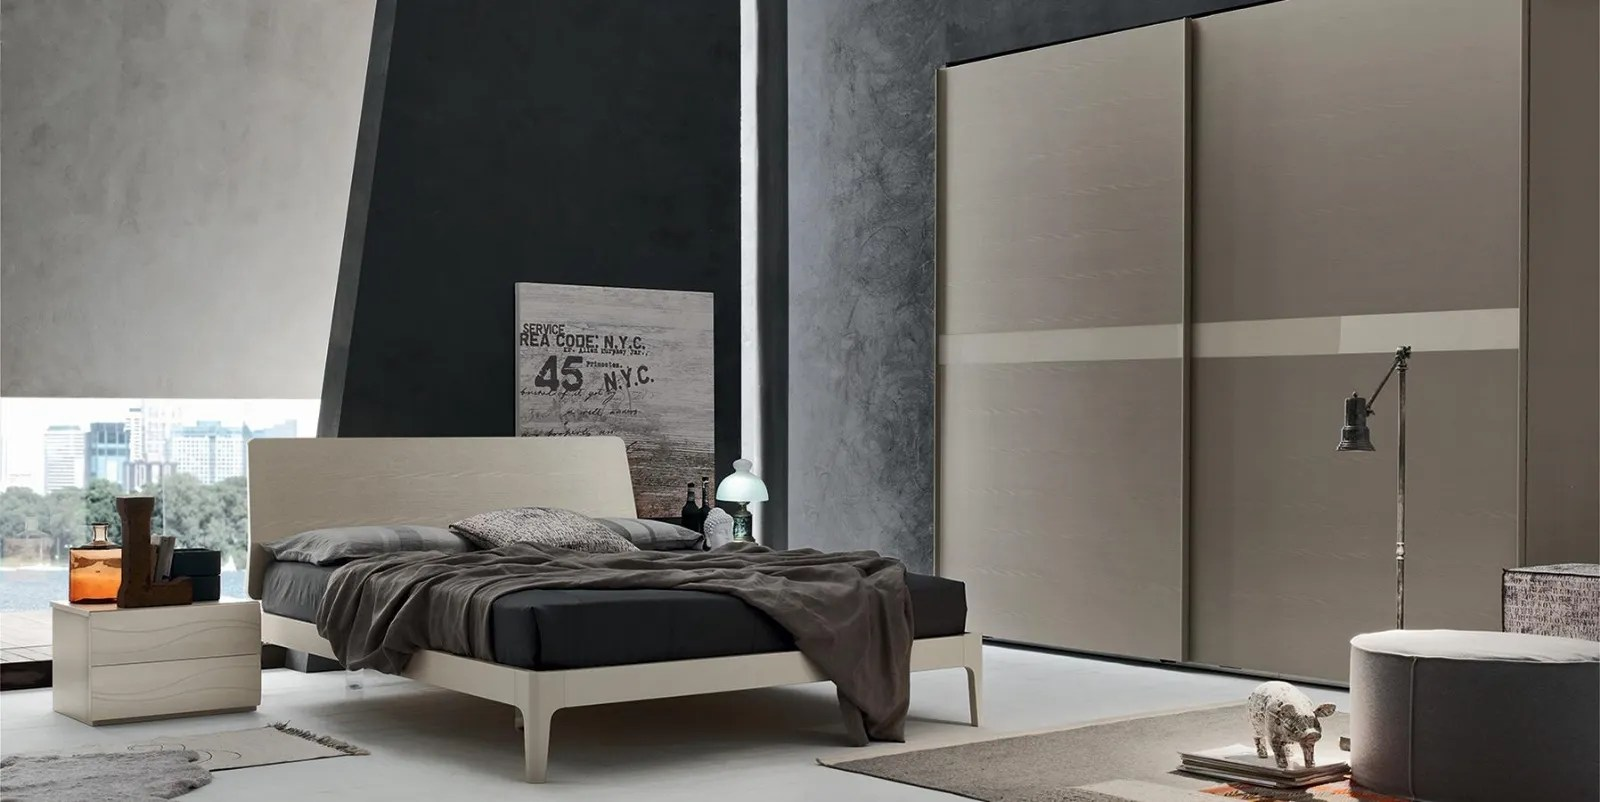 Camera da letto matrimoniale con armadio tre ante scorrevoli e letto con box contenitore. Scopri Quanto Costa Una Camera Da Letto Moderna